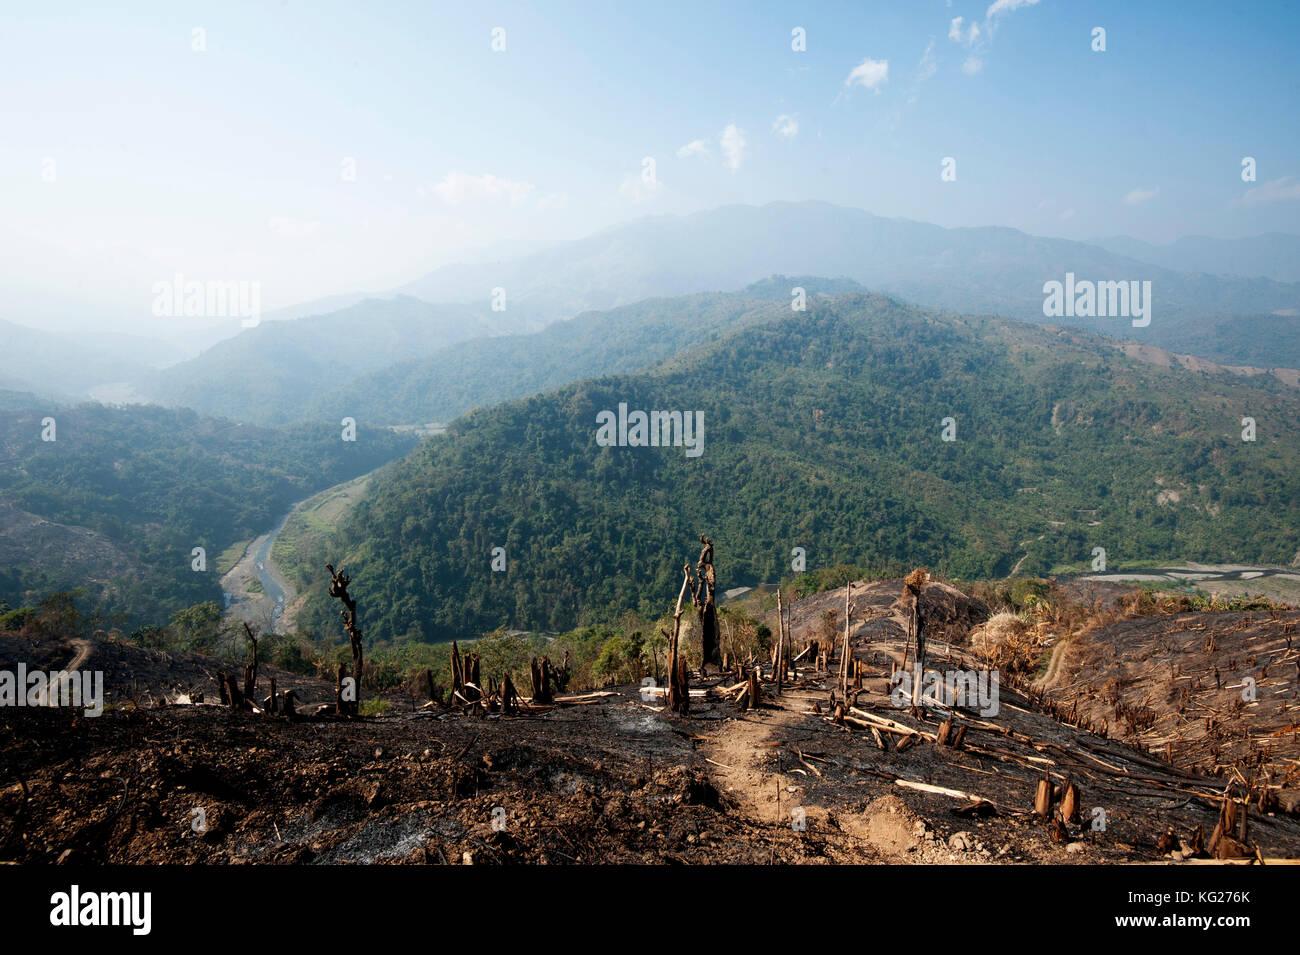 Grünen Naga hills Stretching in der Ferne, von Braun verbrannte Hügel nach dem Schrägstrich und System Stockbild